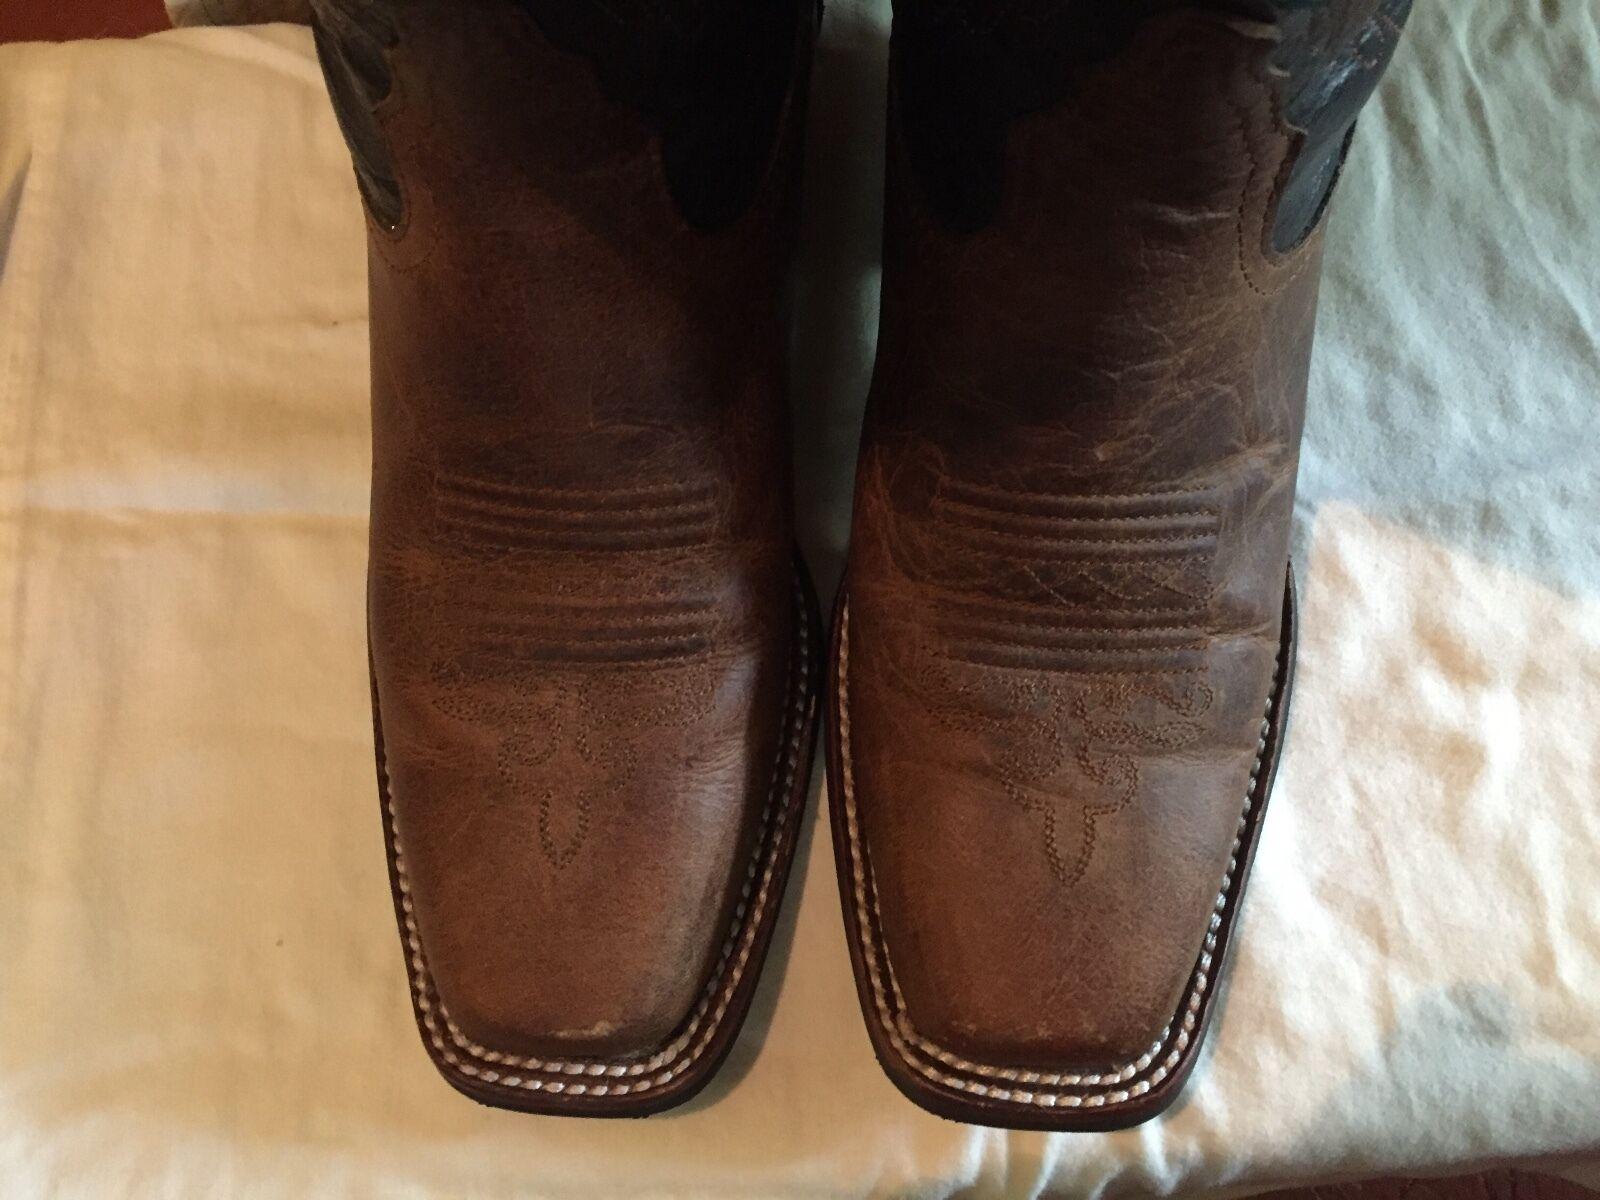 Tony lama RR2025L RR2025L RR2025L womens cowboy boots 374edb